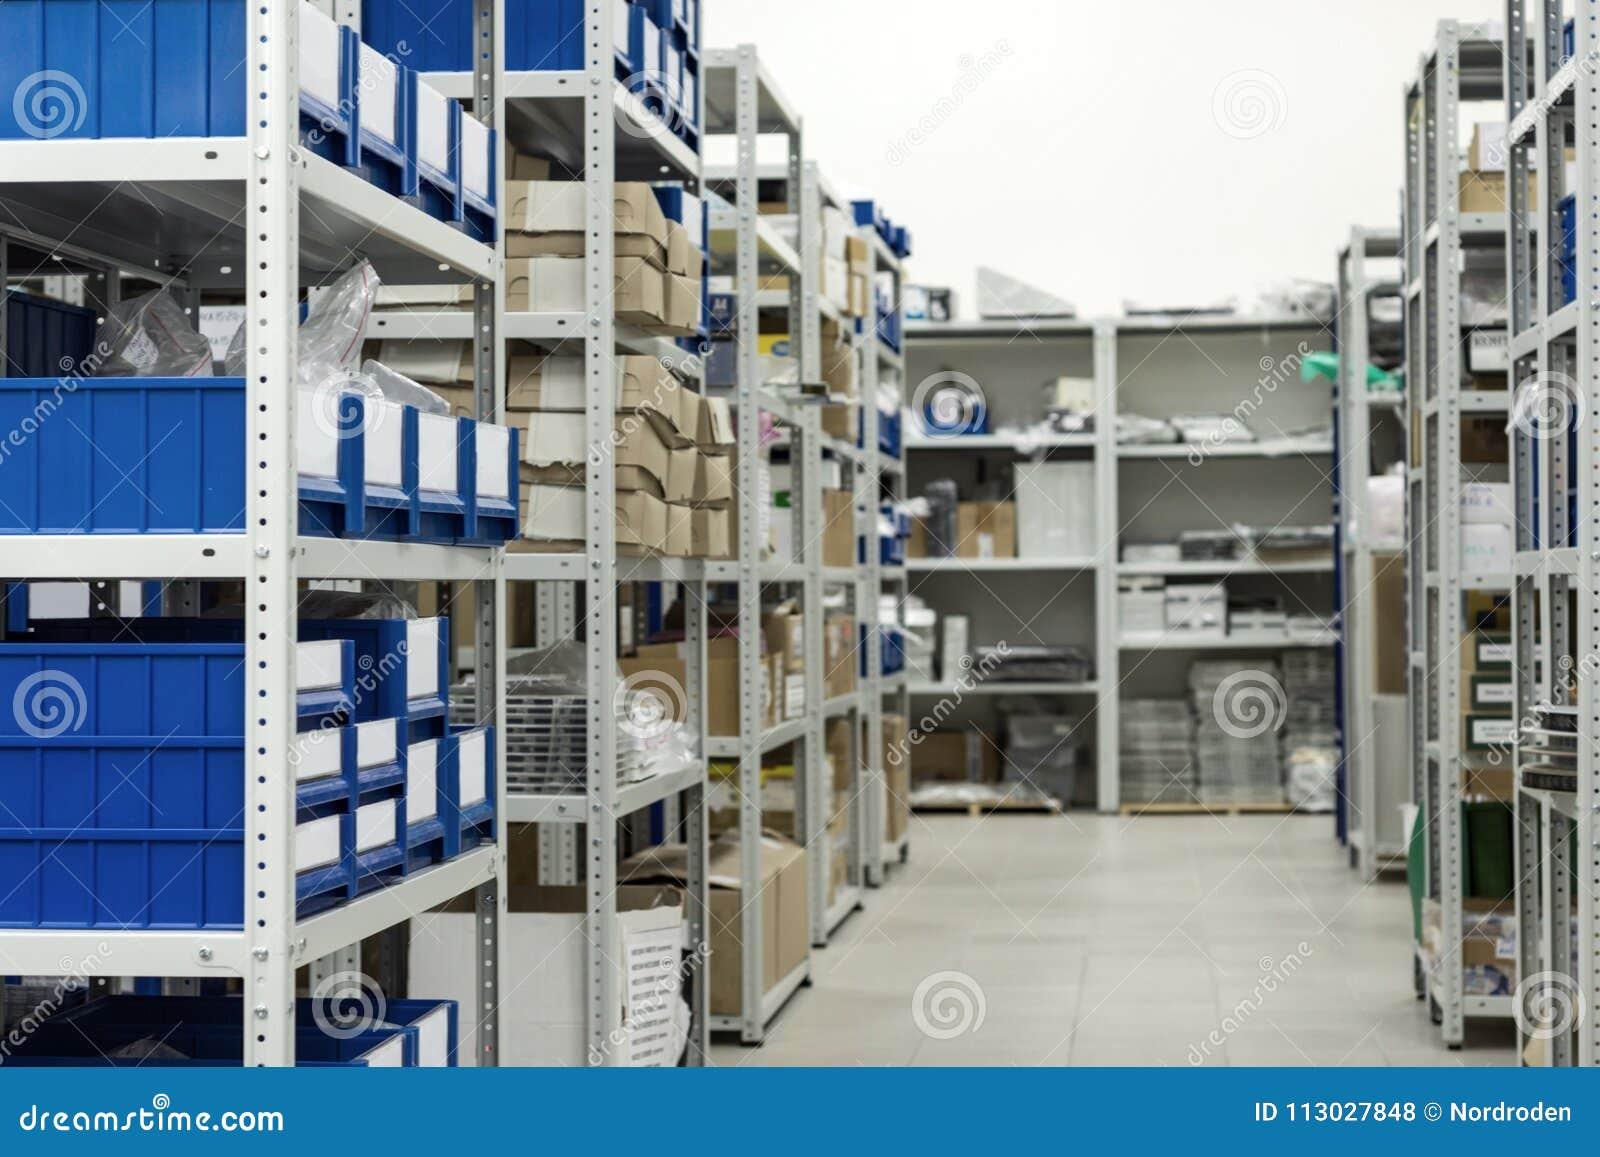 Warehouse de los componentes para la industria de electrónica